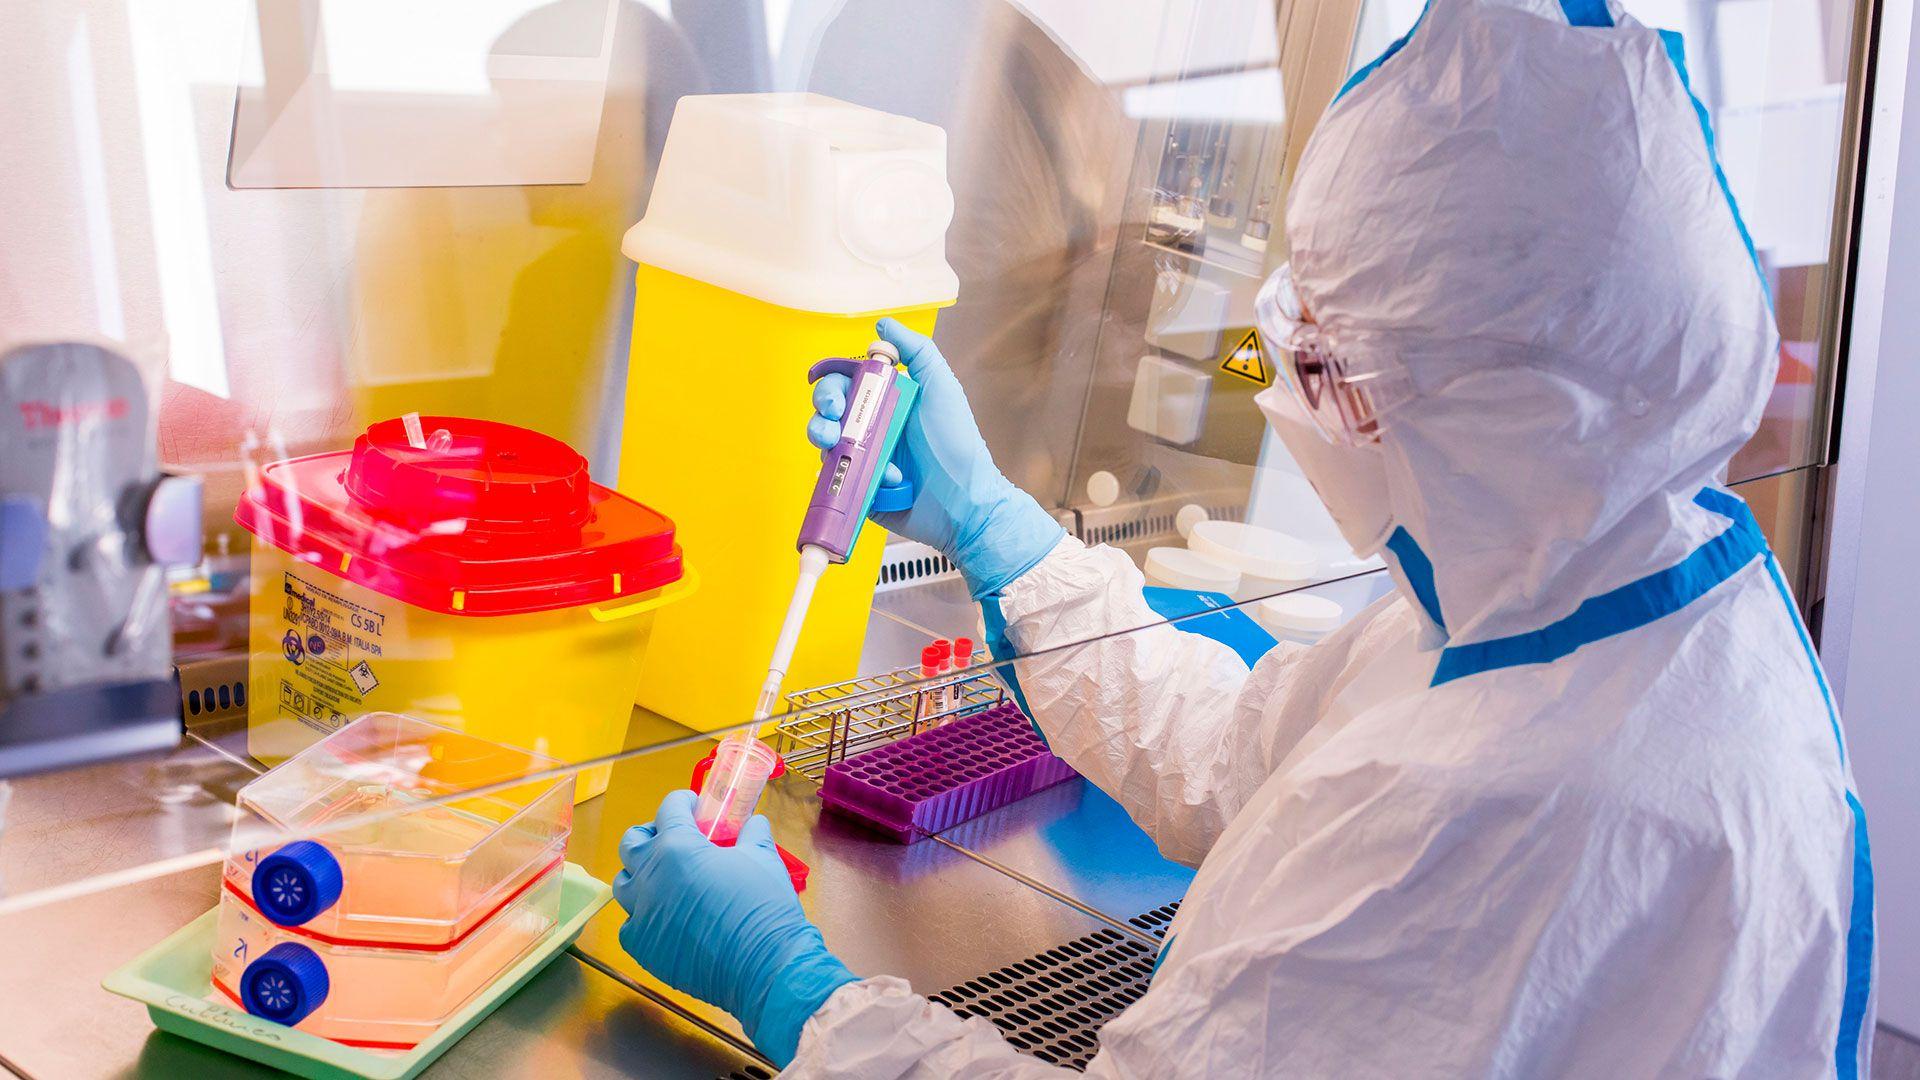 Por la pandemia, algunos pacientes con HIV vieron interrumpidos sus tratamientos, por el miedo al contagio frente al virus SARS-CoV-2 (Shutterstock)